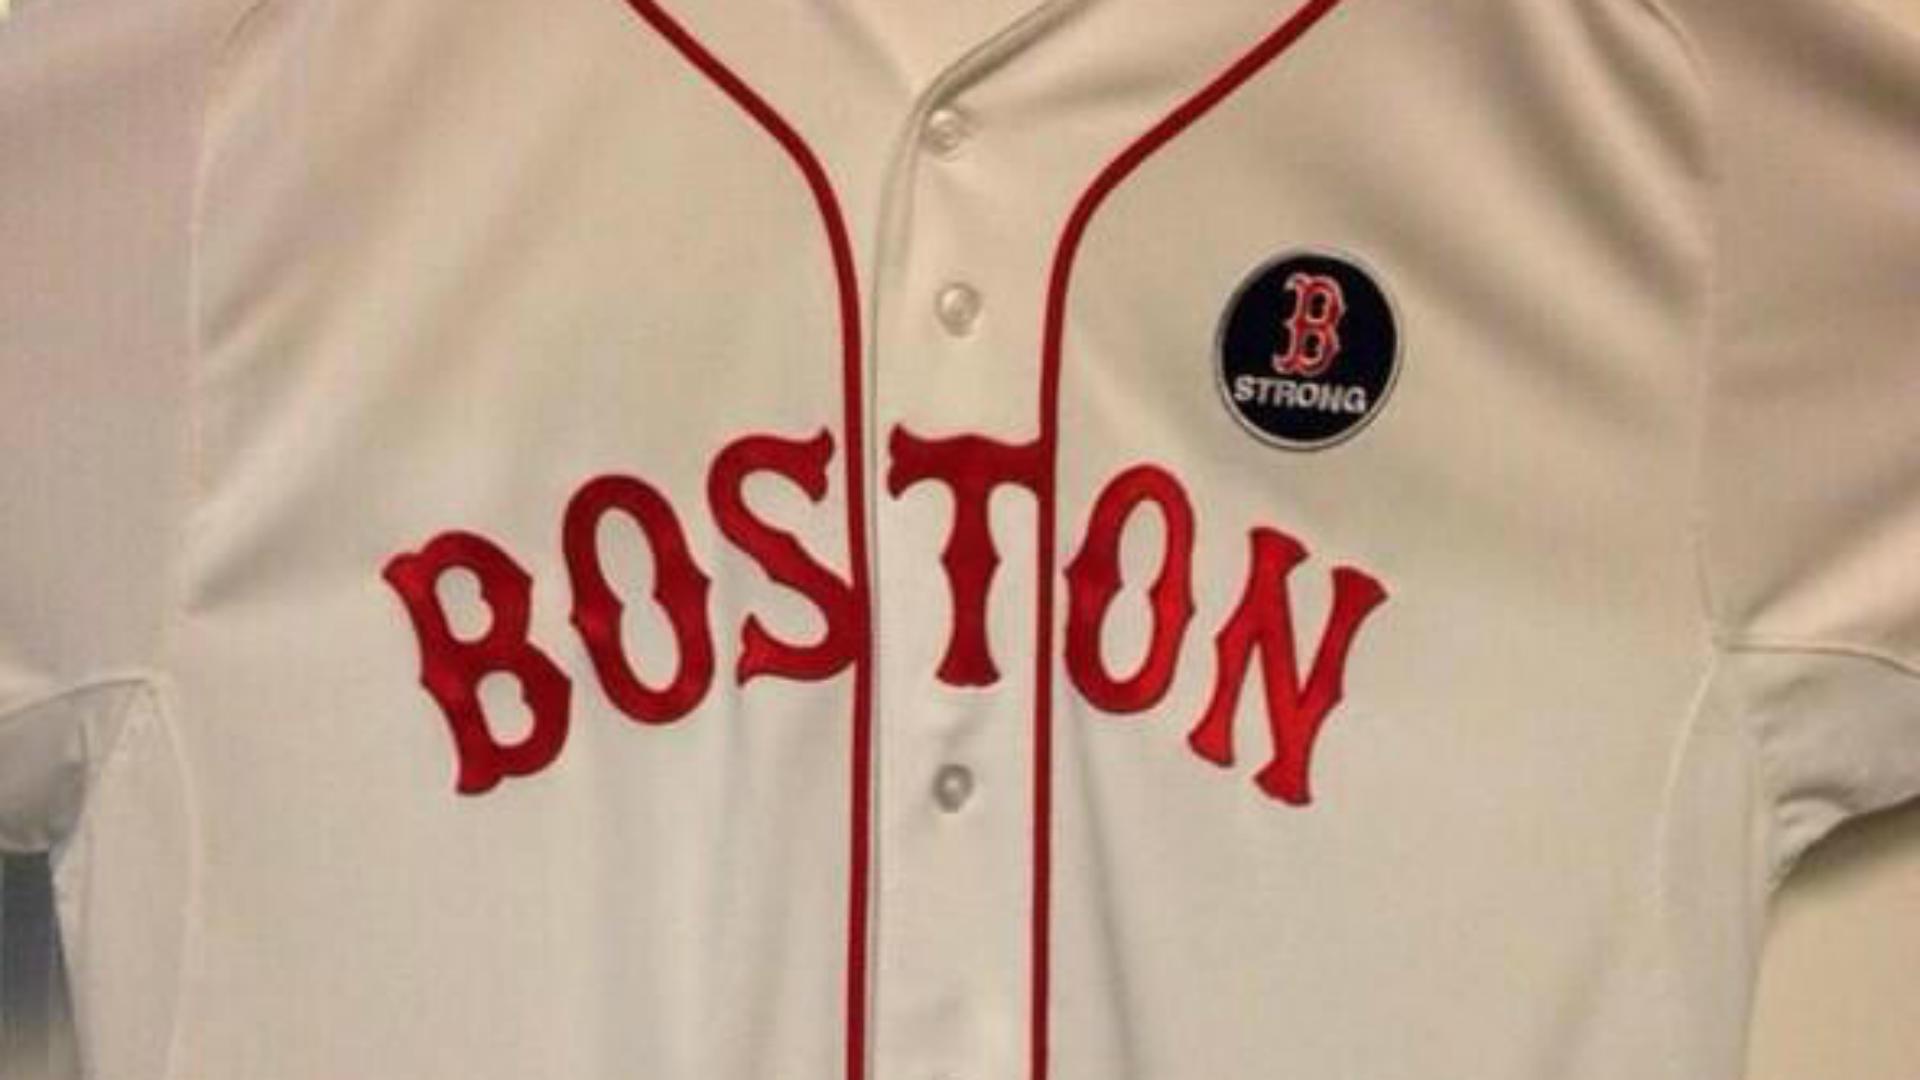 Red Sox FTR.jpg.jpg